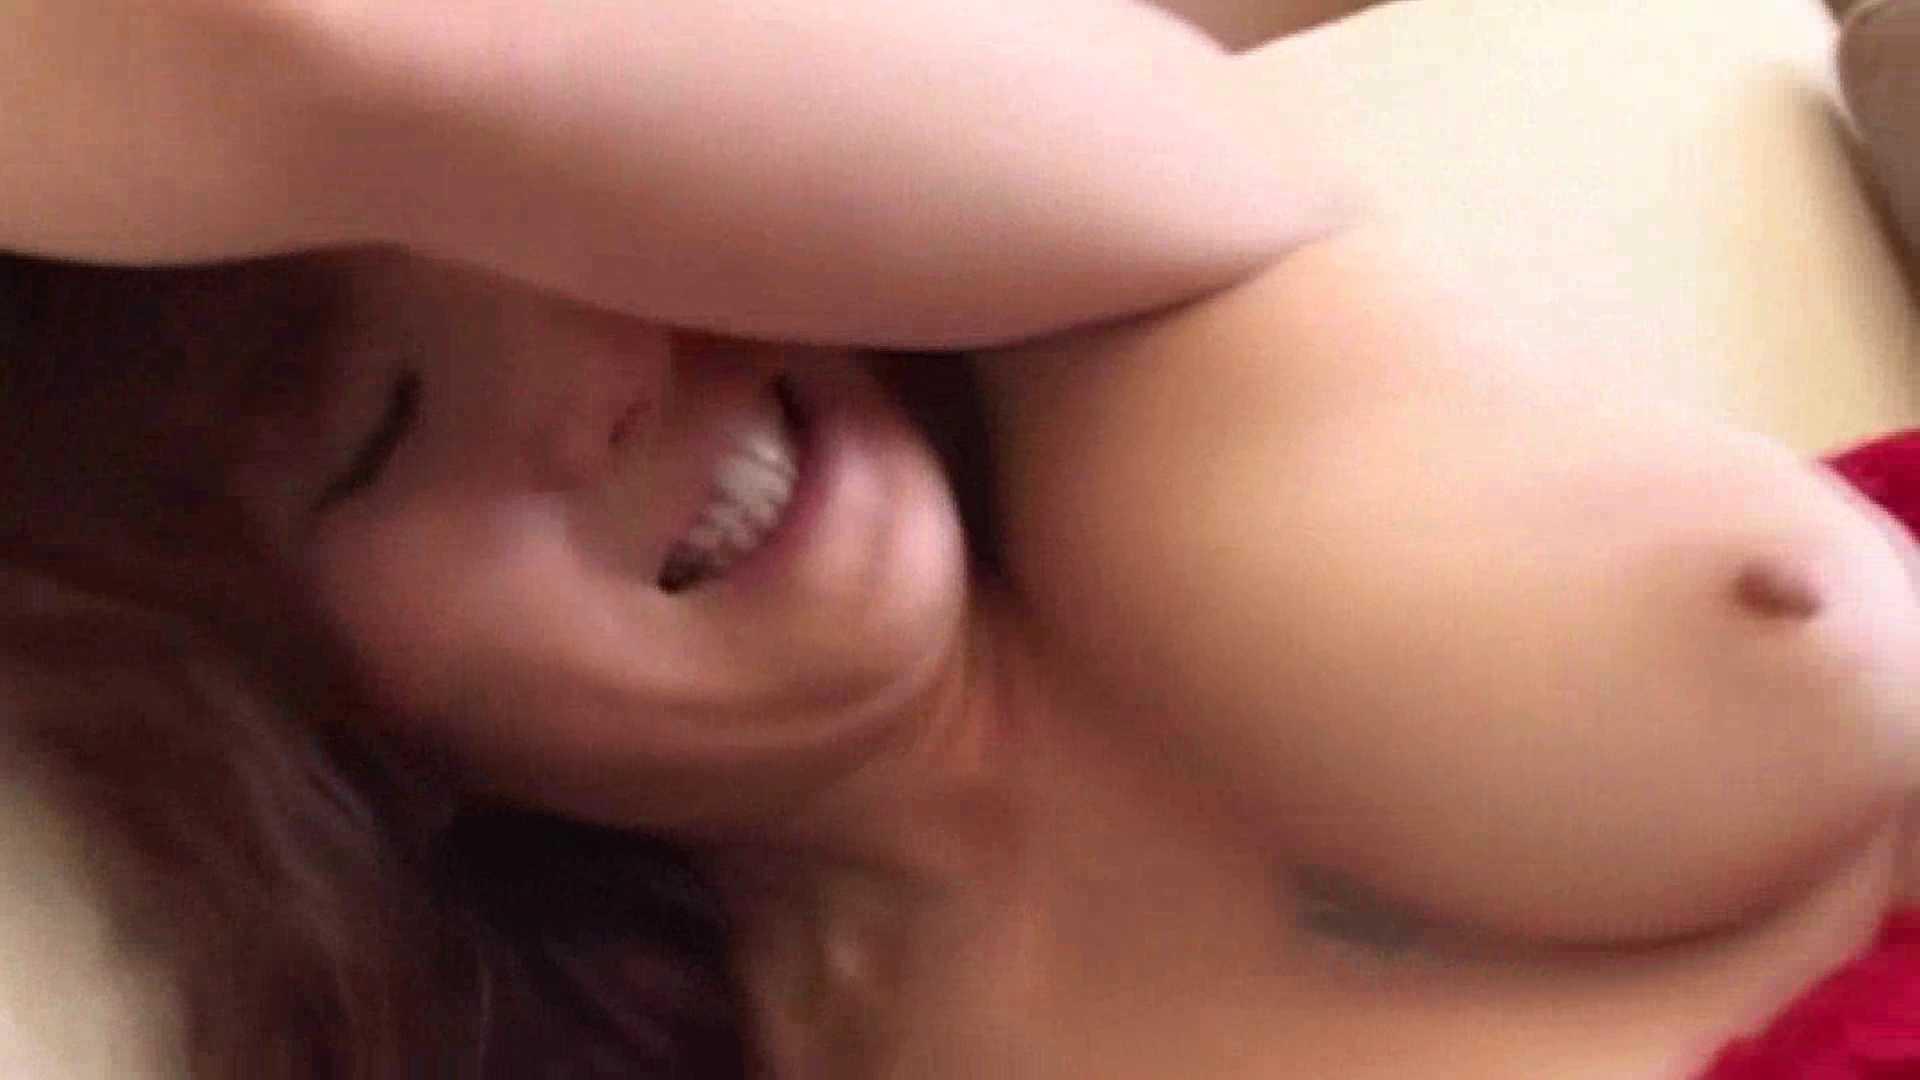 Hで可愛くてケシカラン! Vol.05 バイブプレイ AV無料動画キャプチャ 105pic 41